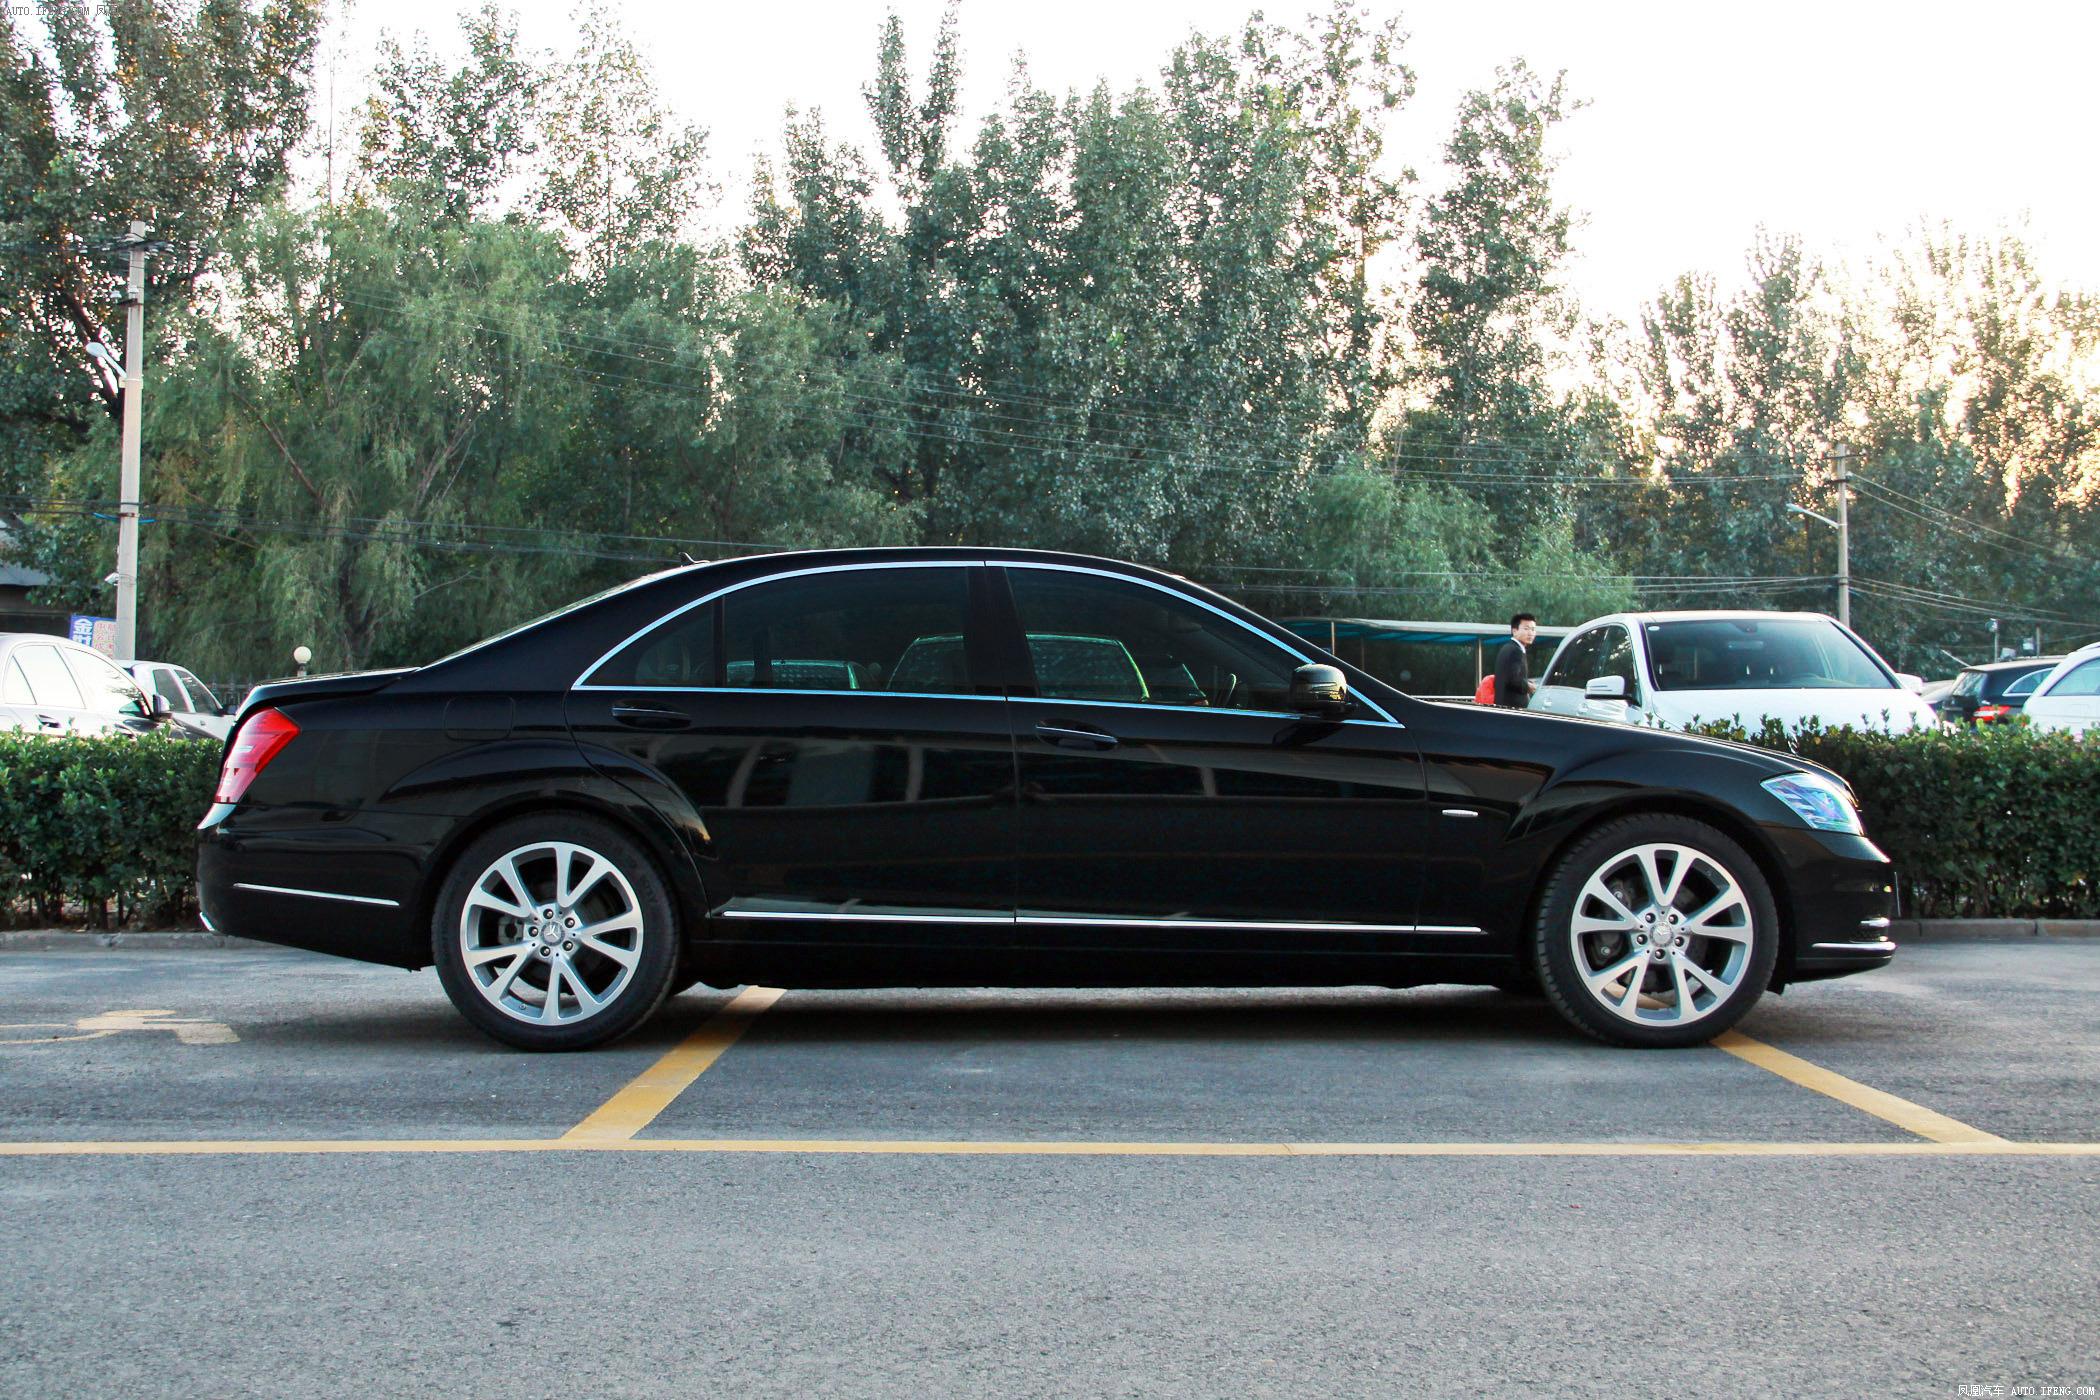 2010款 s400l hybrid外观图 高清图片